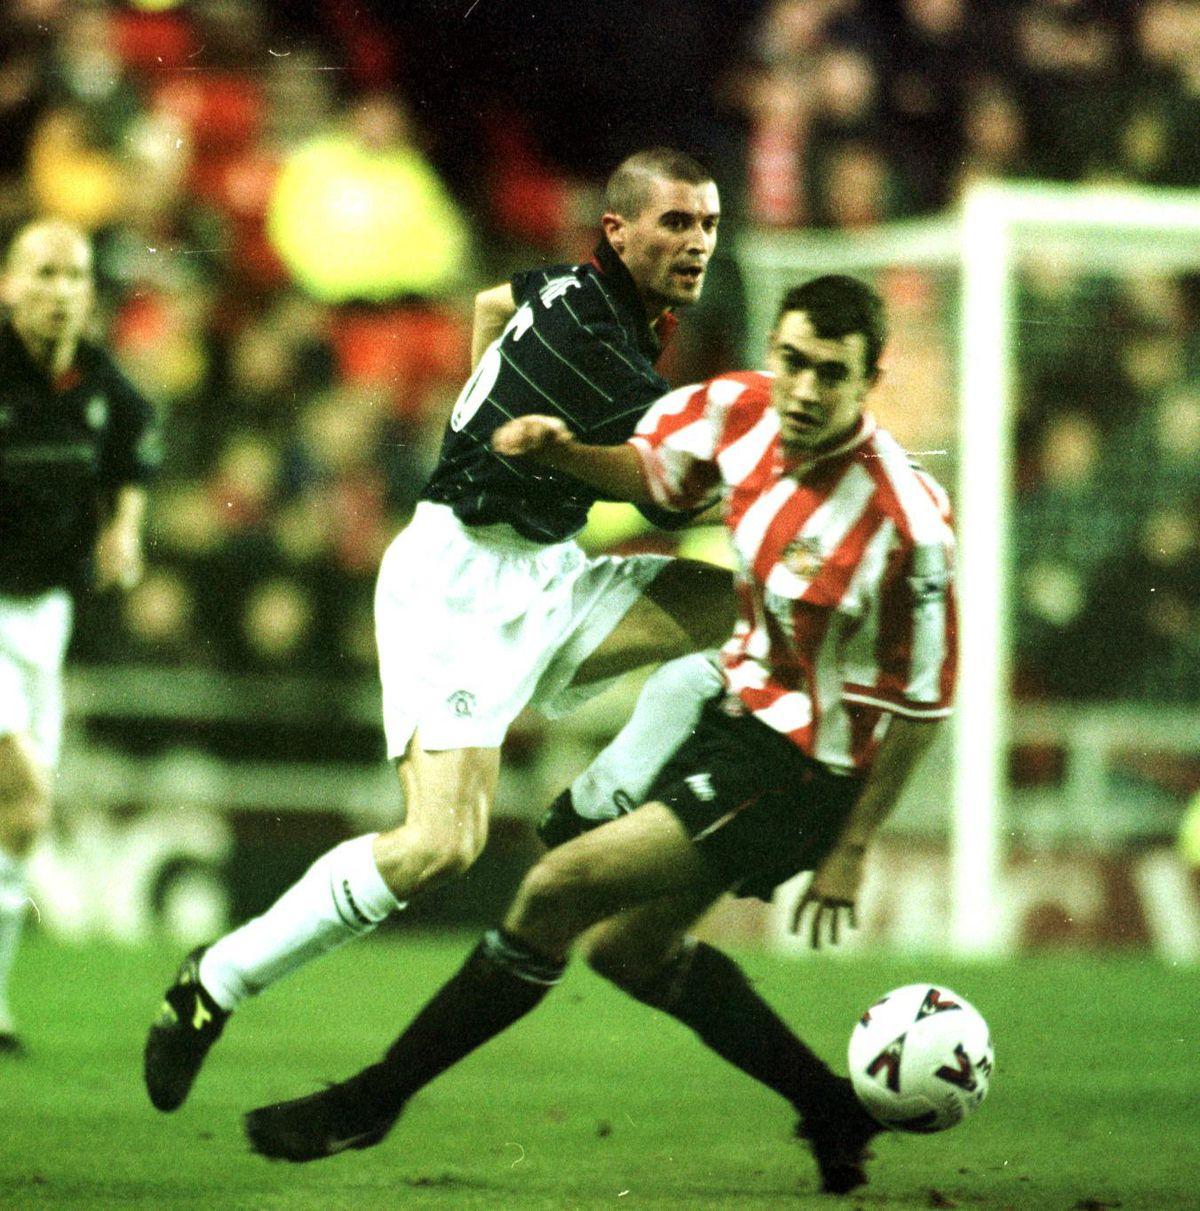 Soccer - FA Carling Premiership - Sunderland v Manchester United